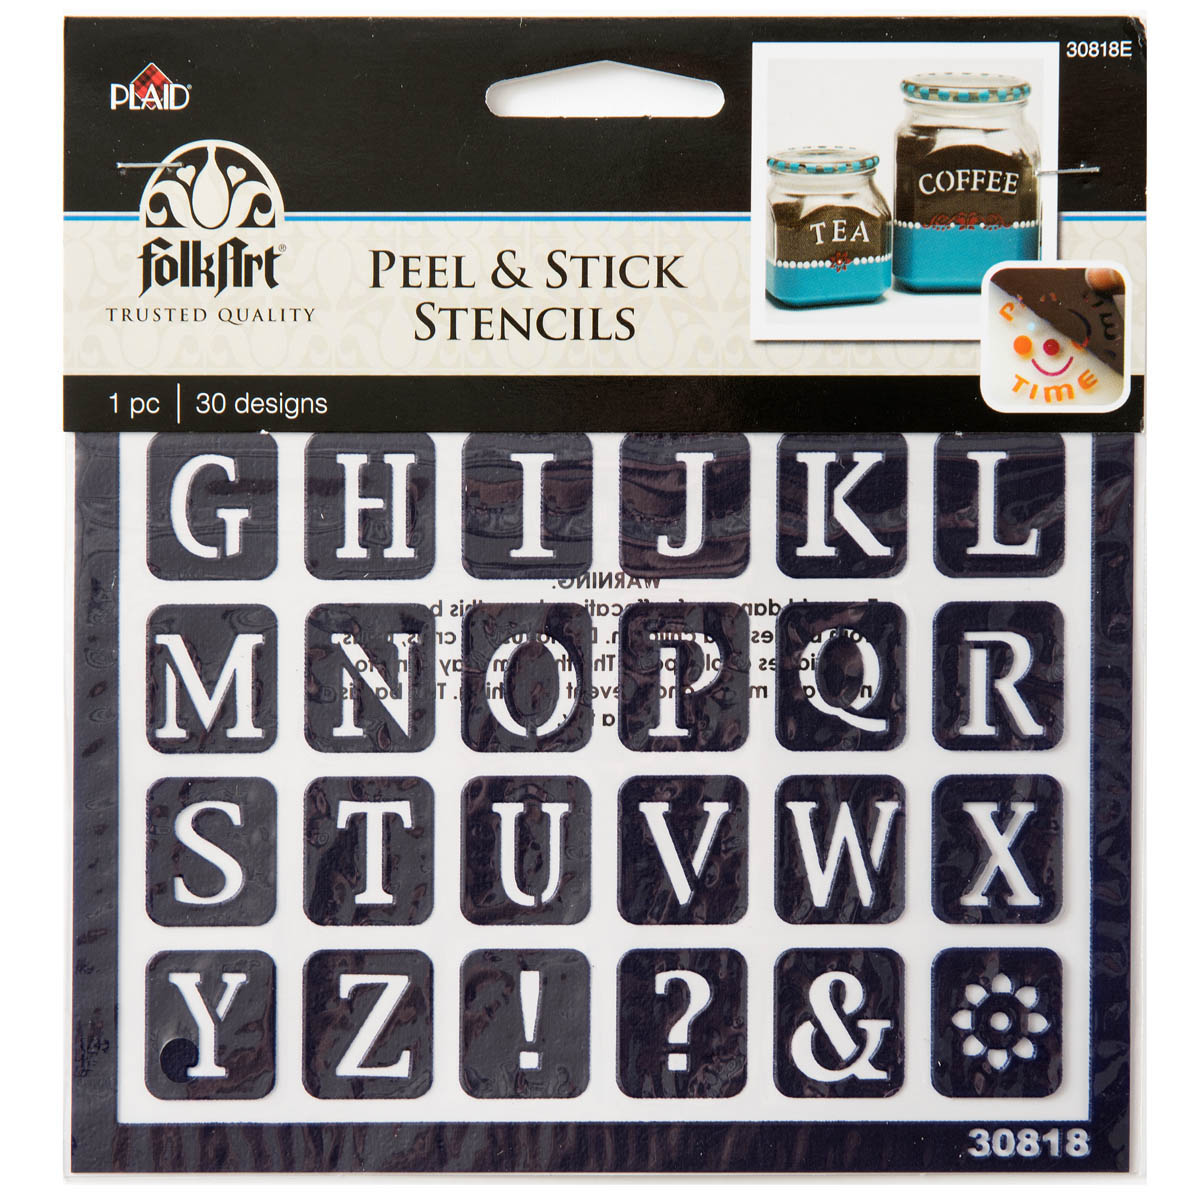 Plaid ® Peel & Stick Stencils - Old School